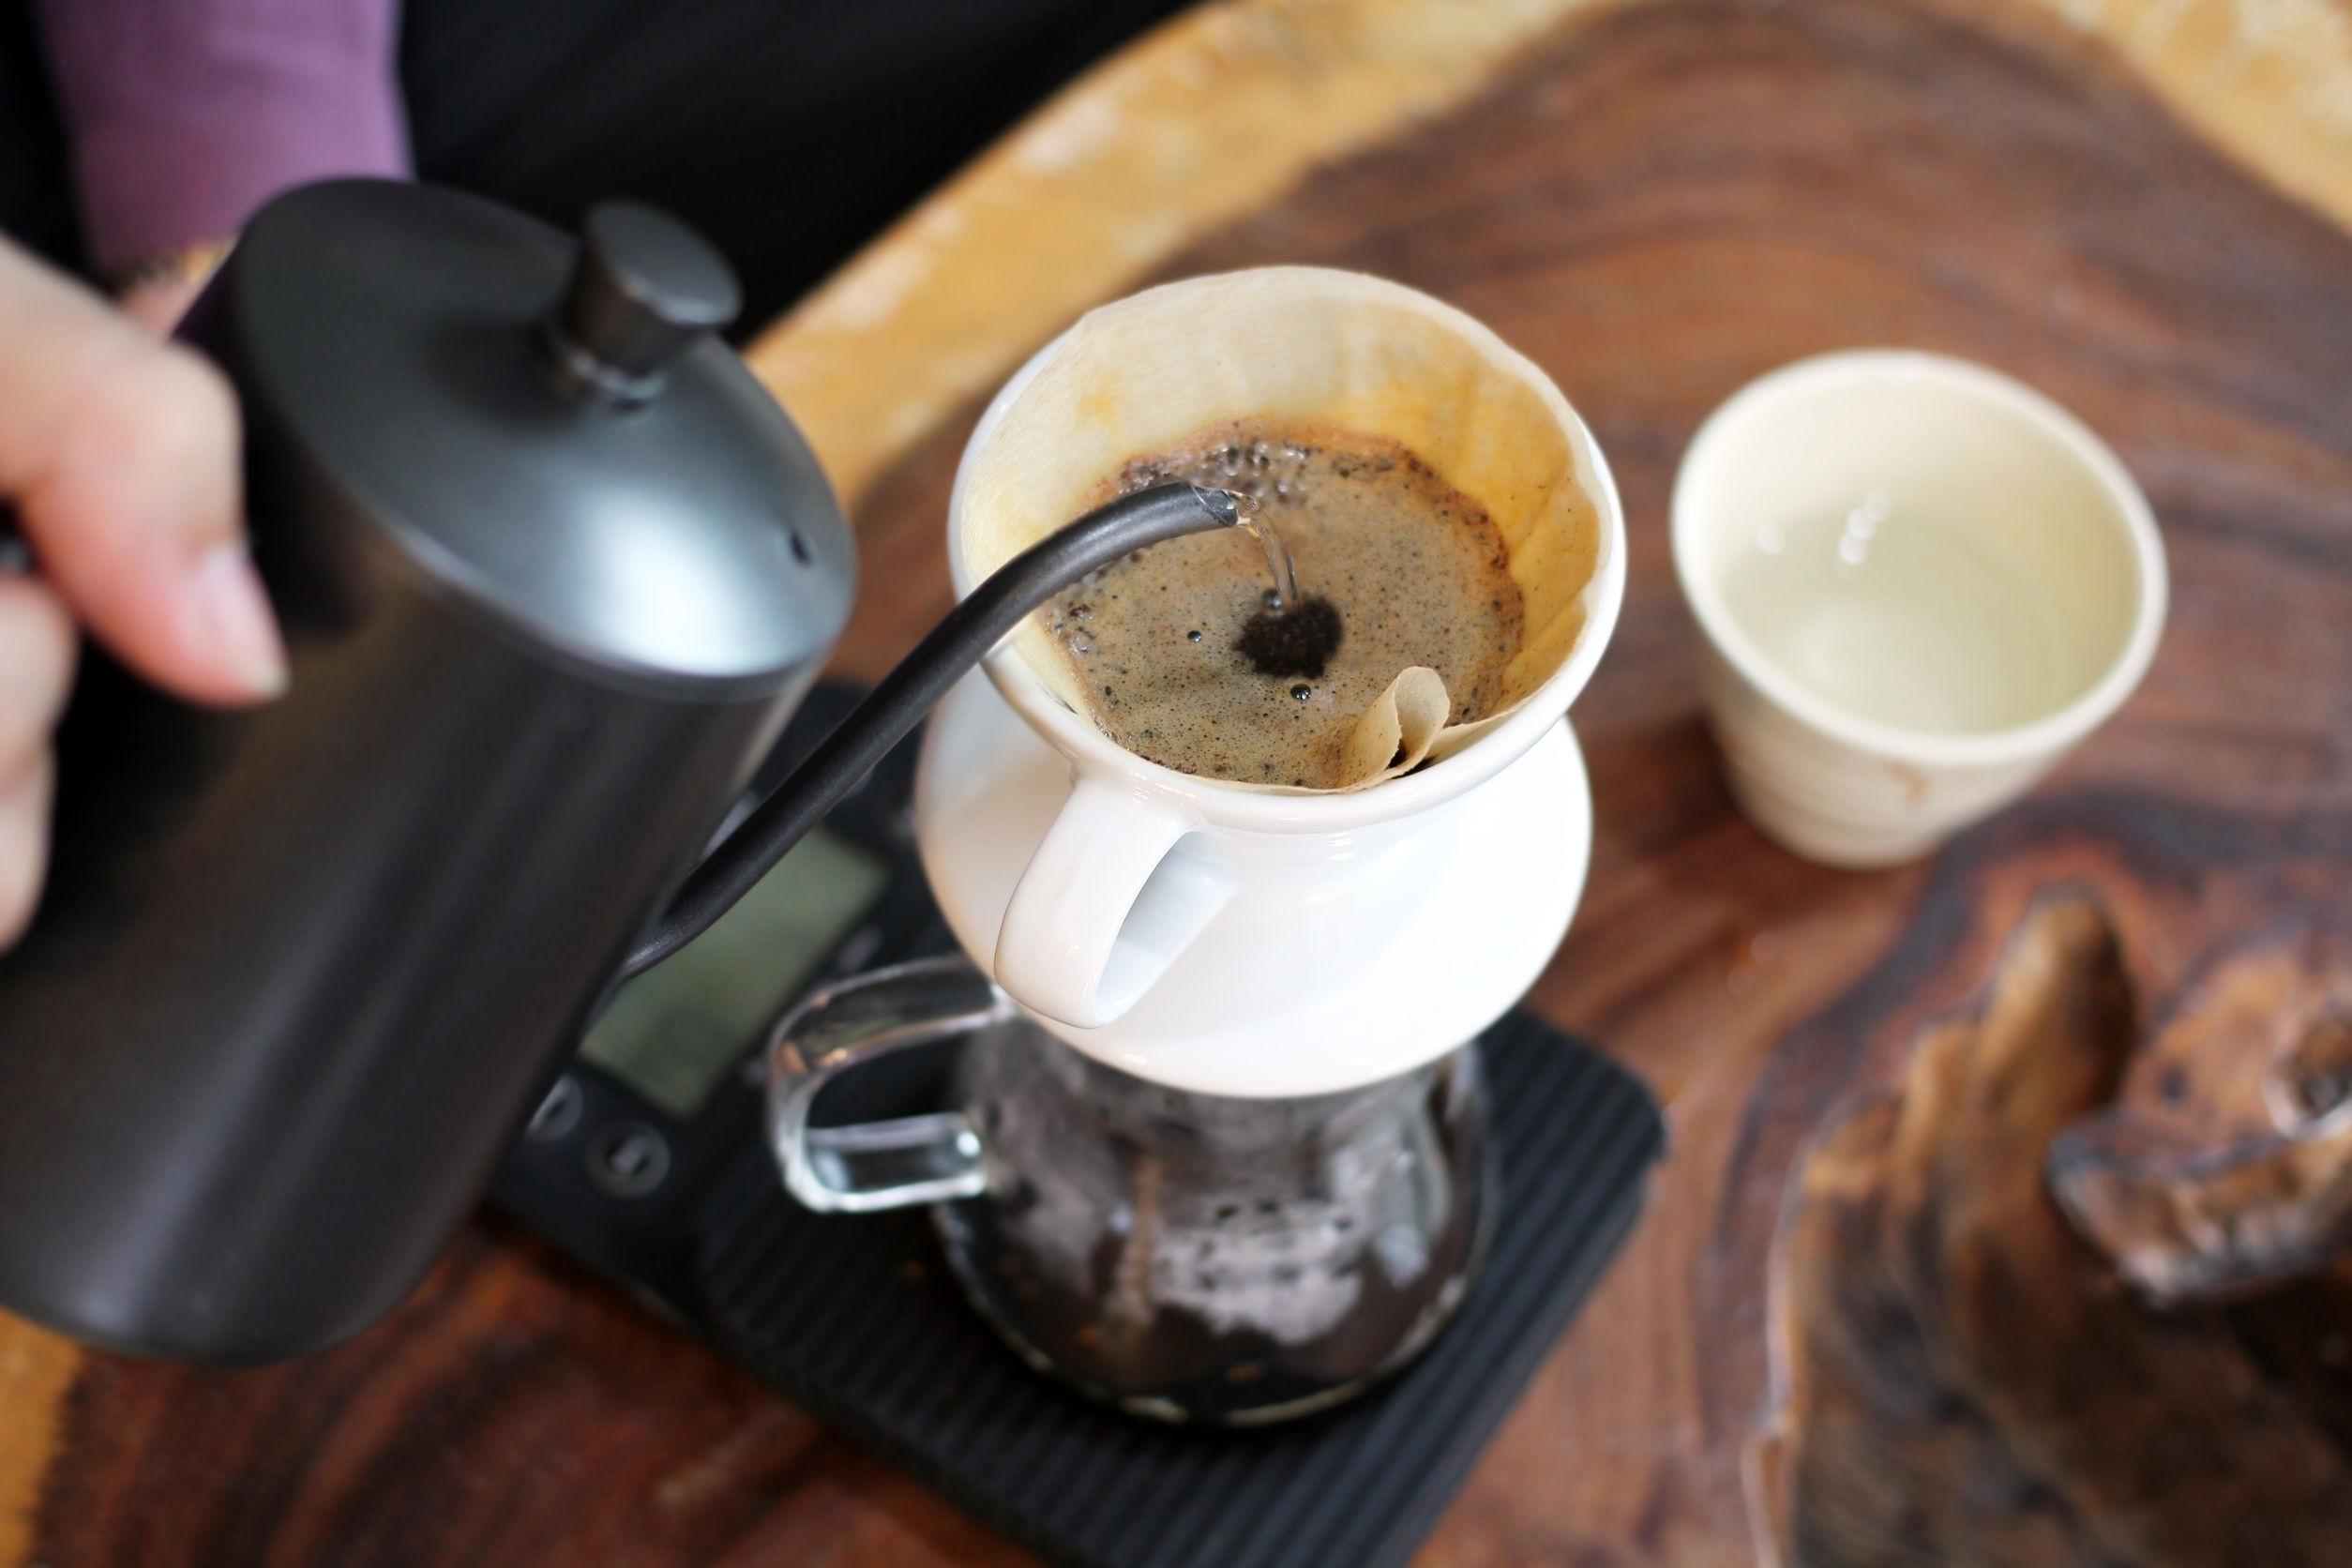 Barista vertiendo agua caliente sobre polvo de café molido tostado